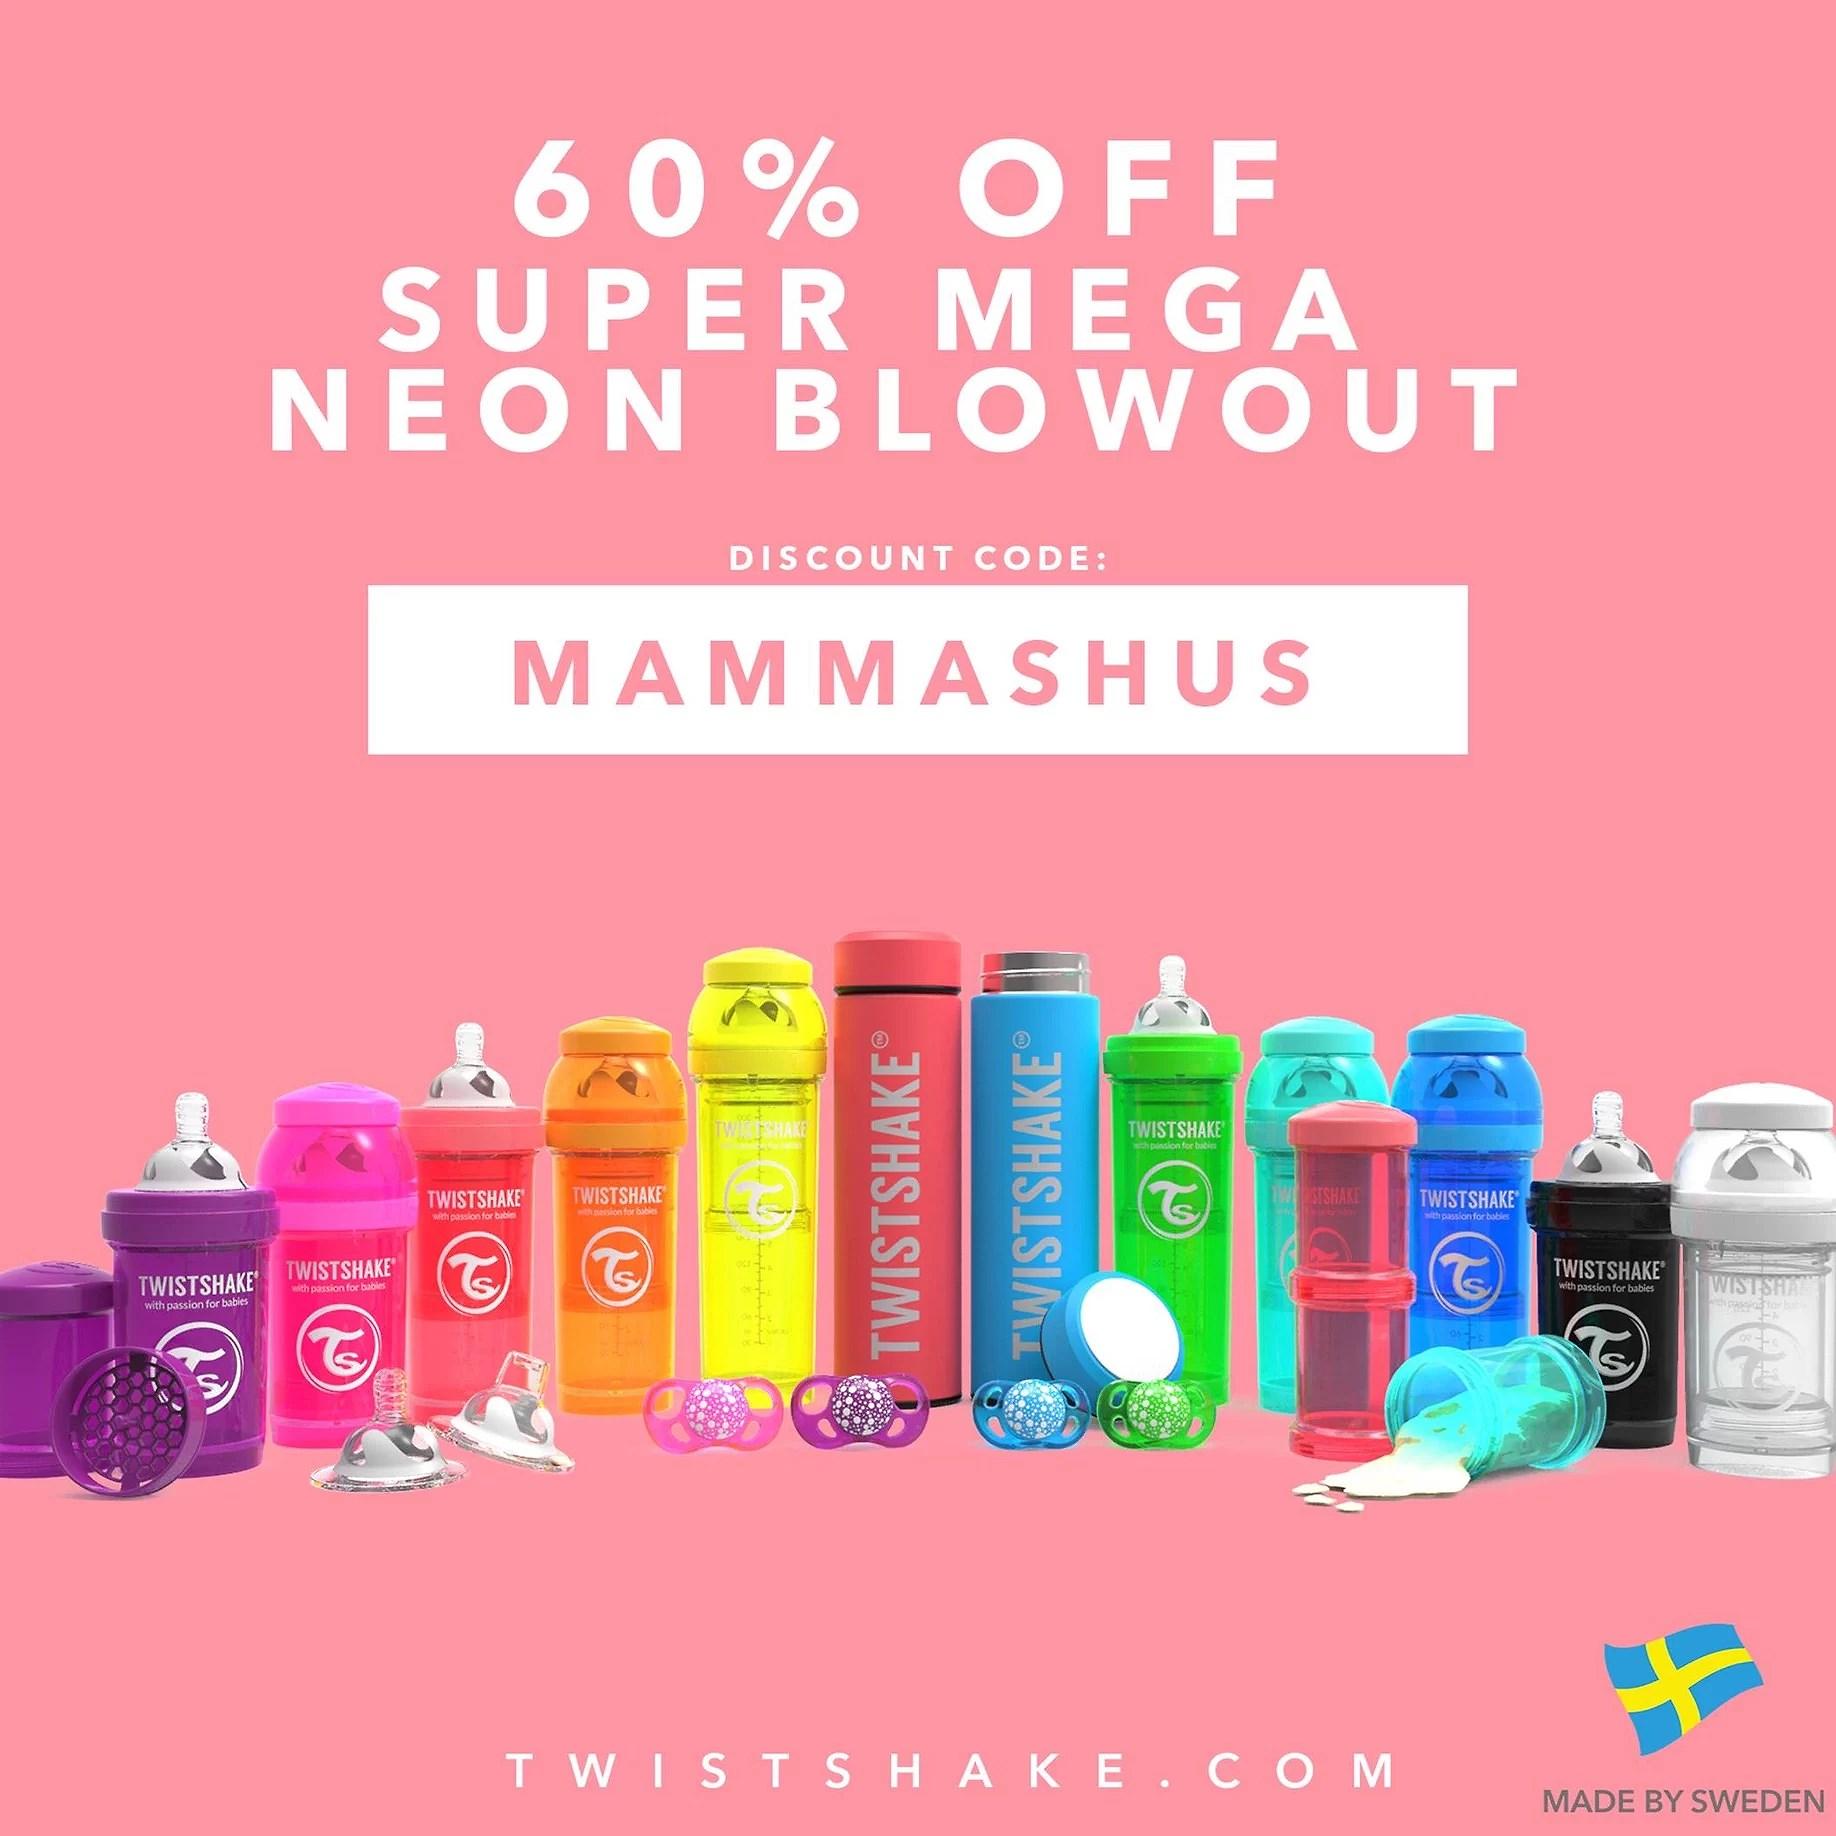 Neon-bonanza blowout!